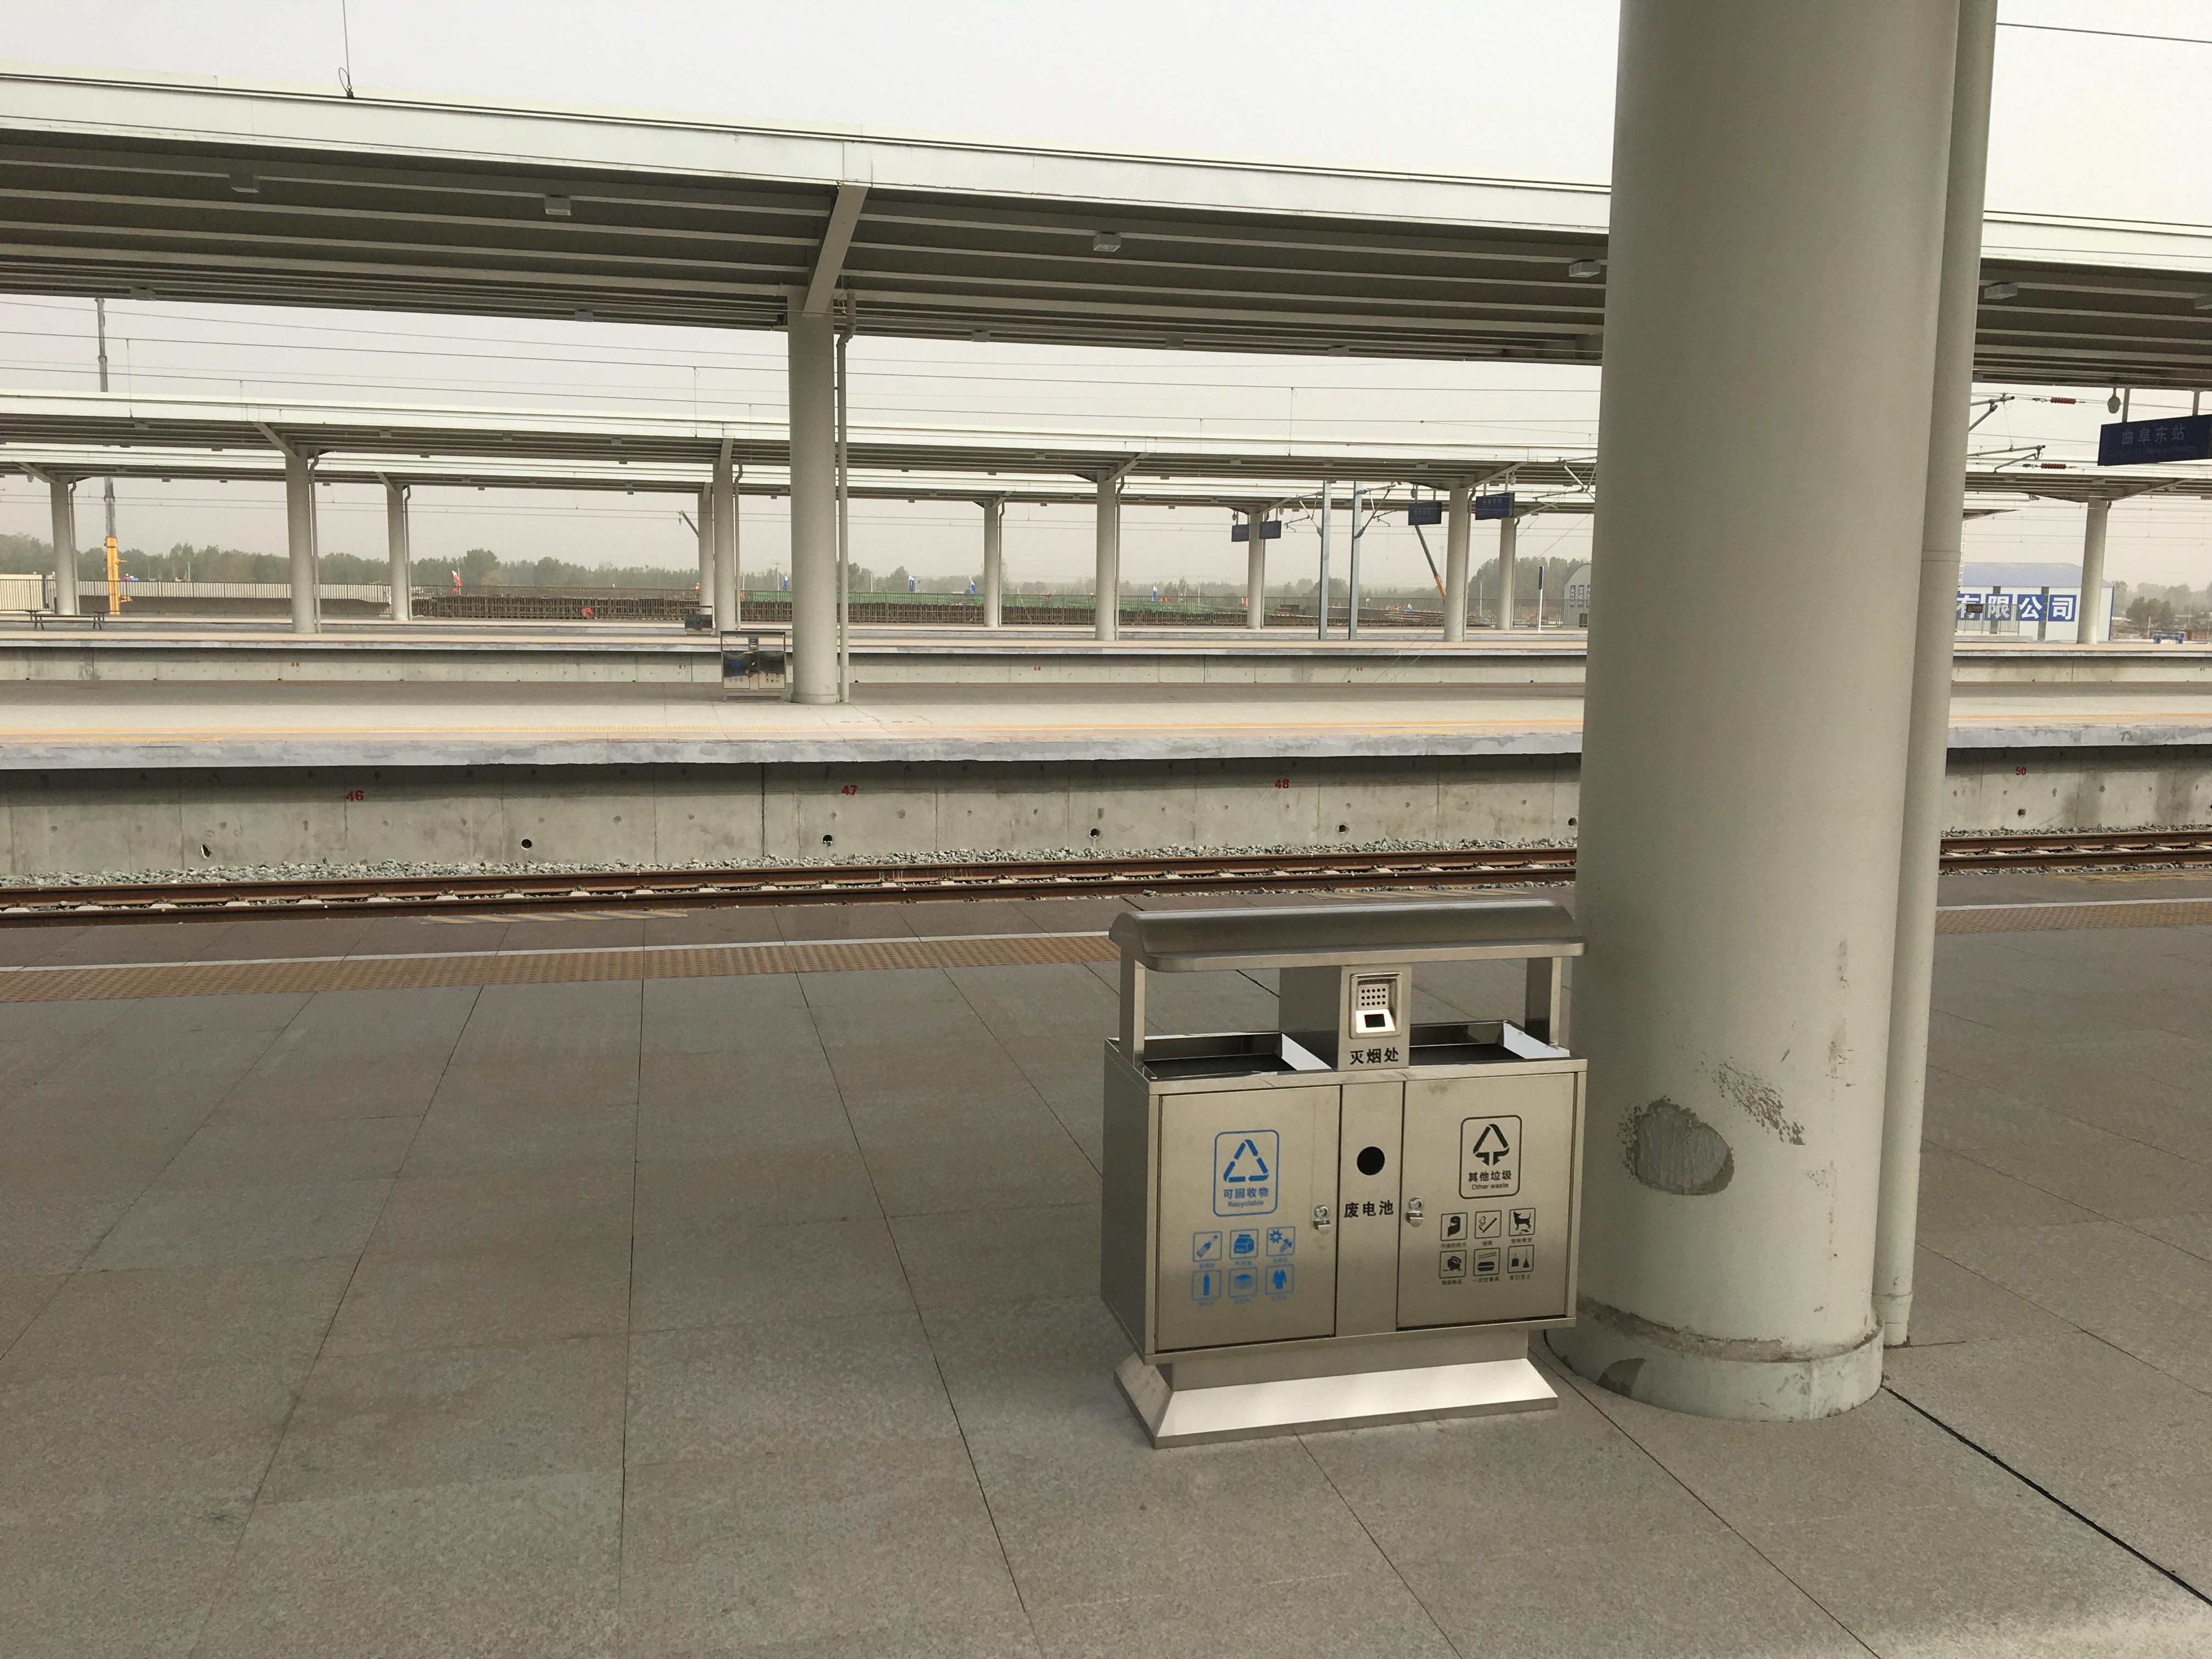 曲阜东誮i胊g捕鱼wang网址fen类垃圾桶维护站台卫生